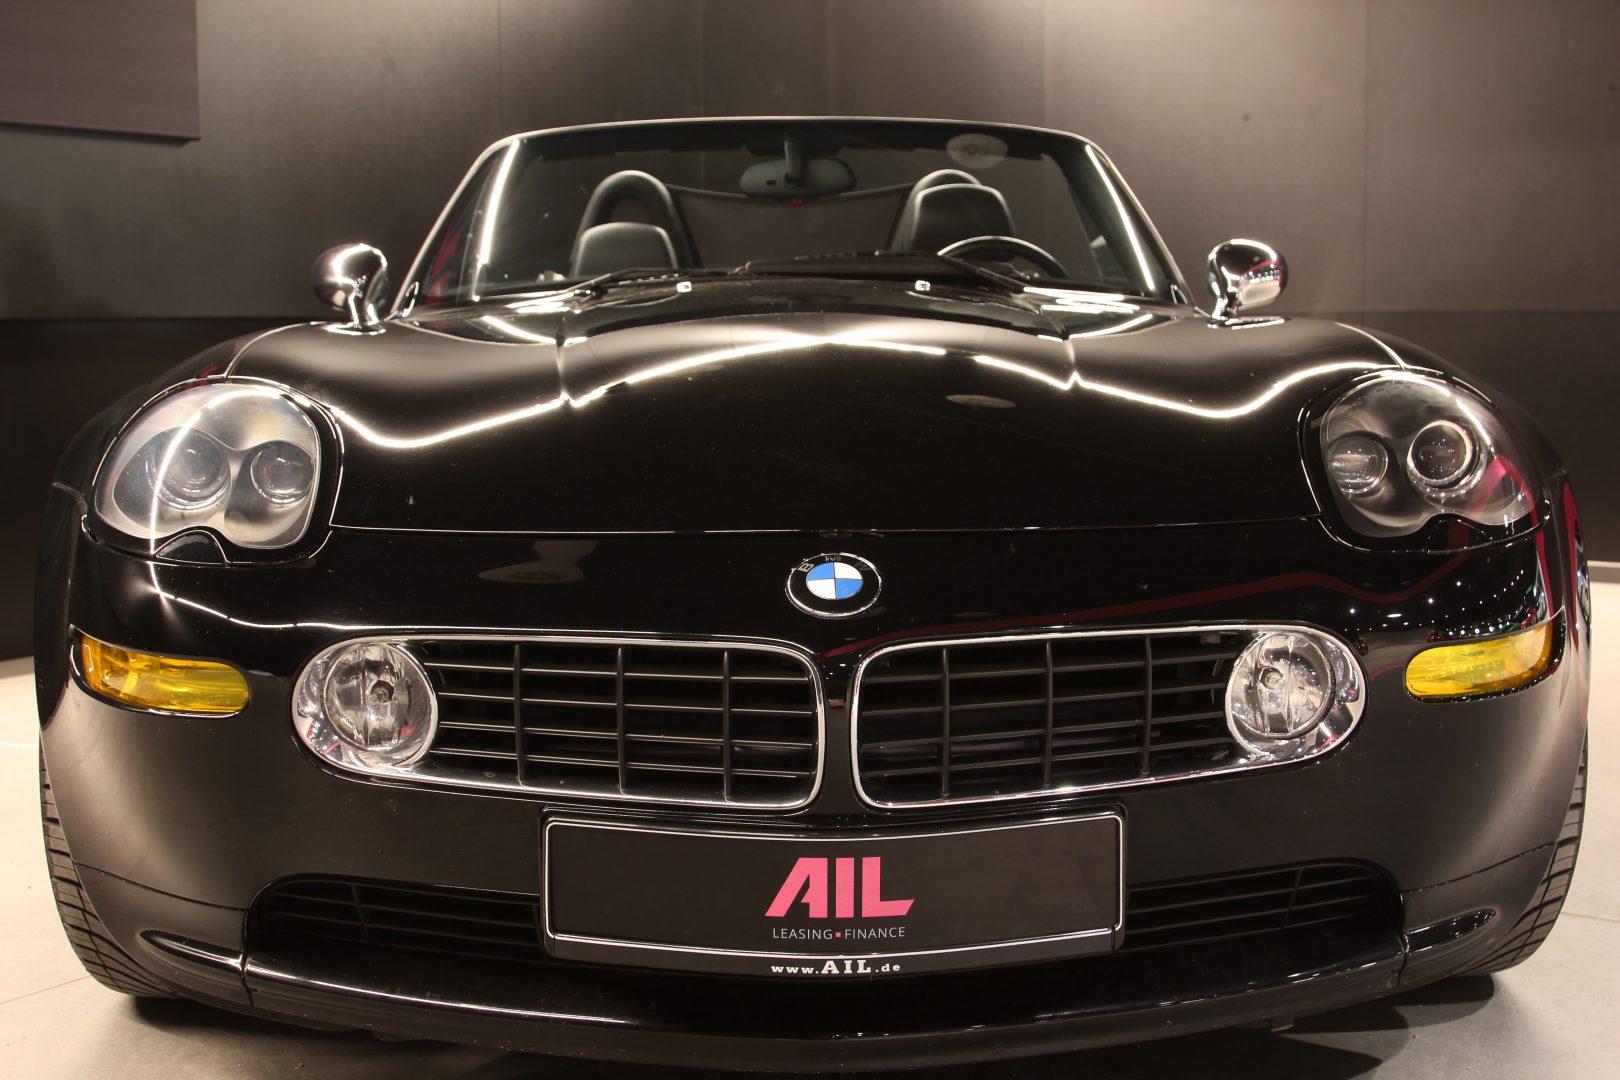 AIL BMW Z8 Performance Paket 5.0 V8 7